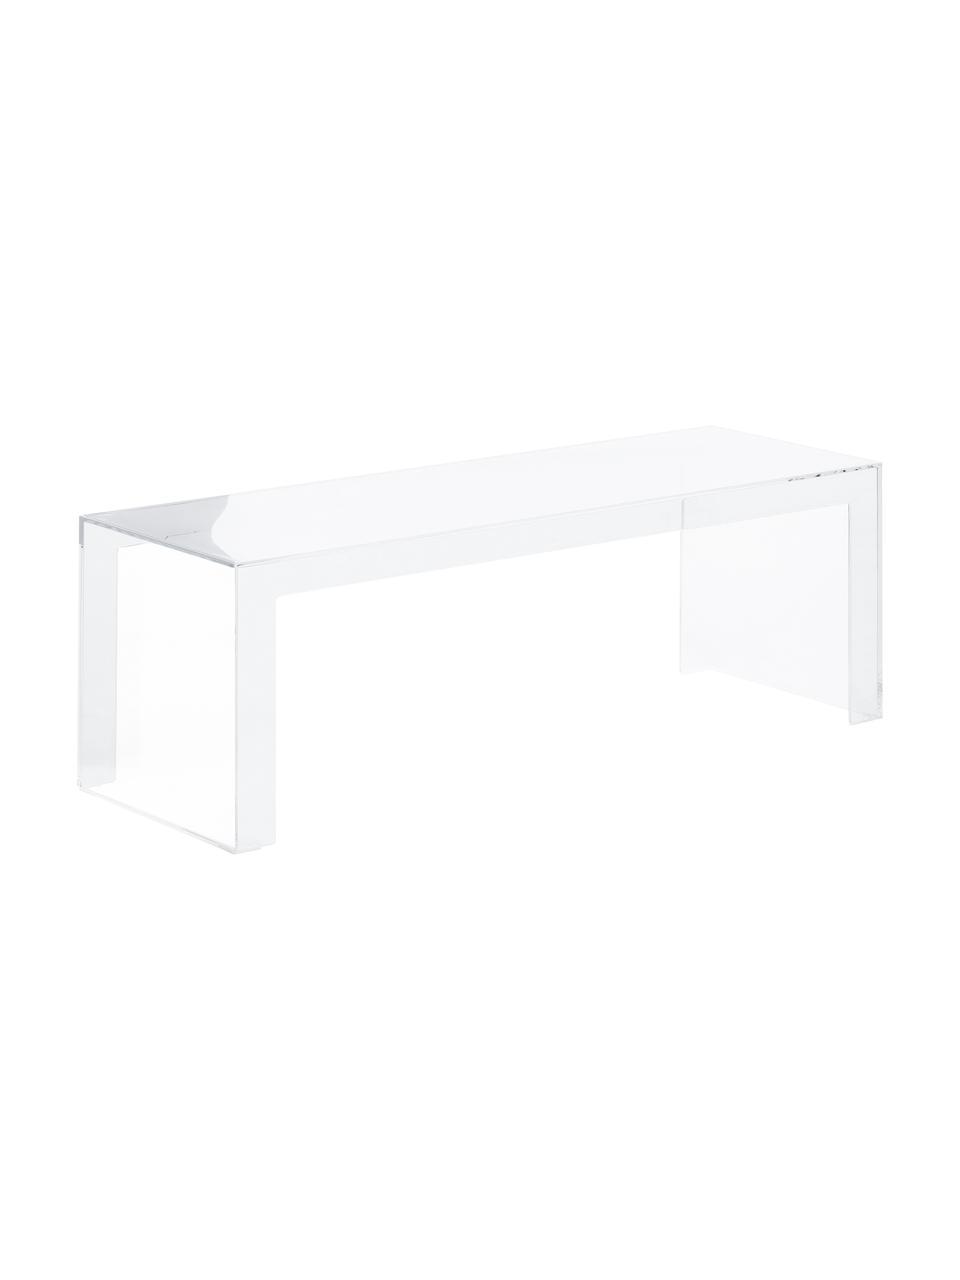 Tavolino da salotto trasparente Invisible, Materiale sintetico, Trasparente, Larg. 120 x Alt. 40 cm